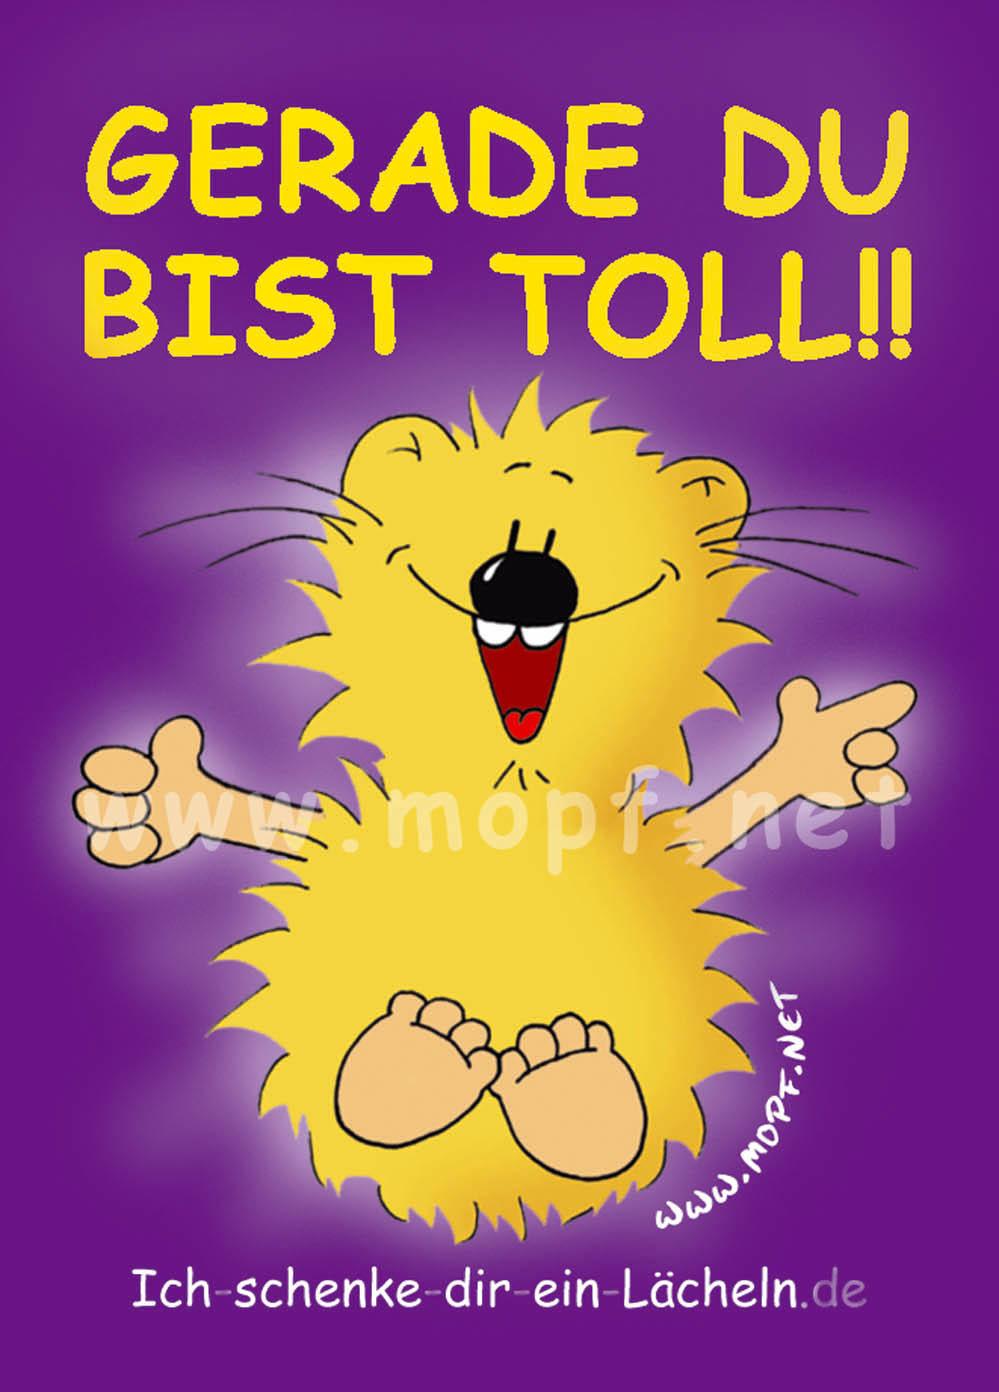 Aufkleberm GERADE DU BIST TOLL! | Mopf-der Blog